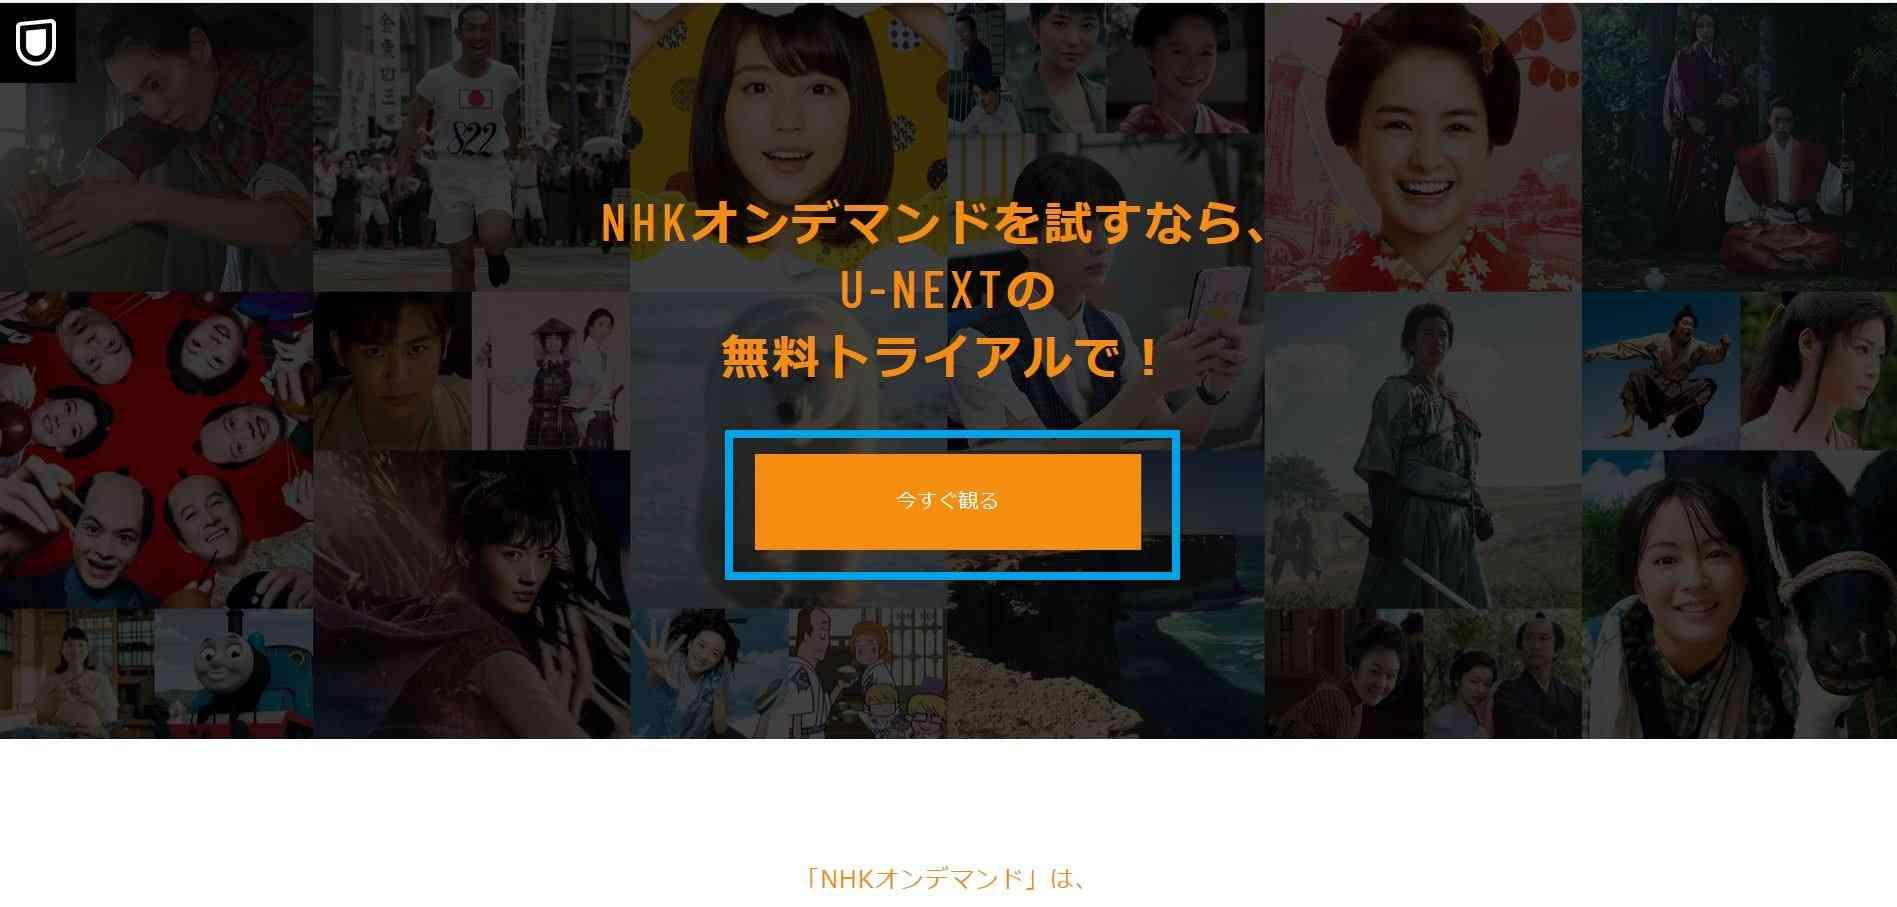 U-NEXT NHK 1_R